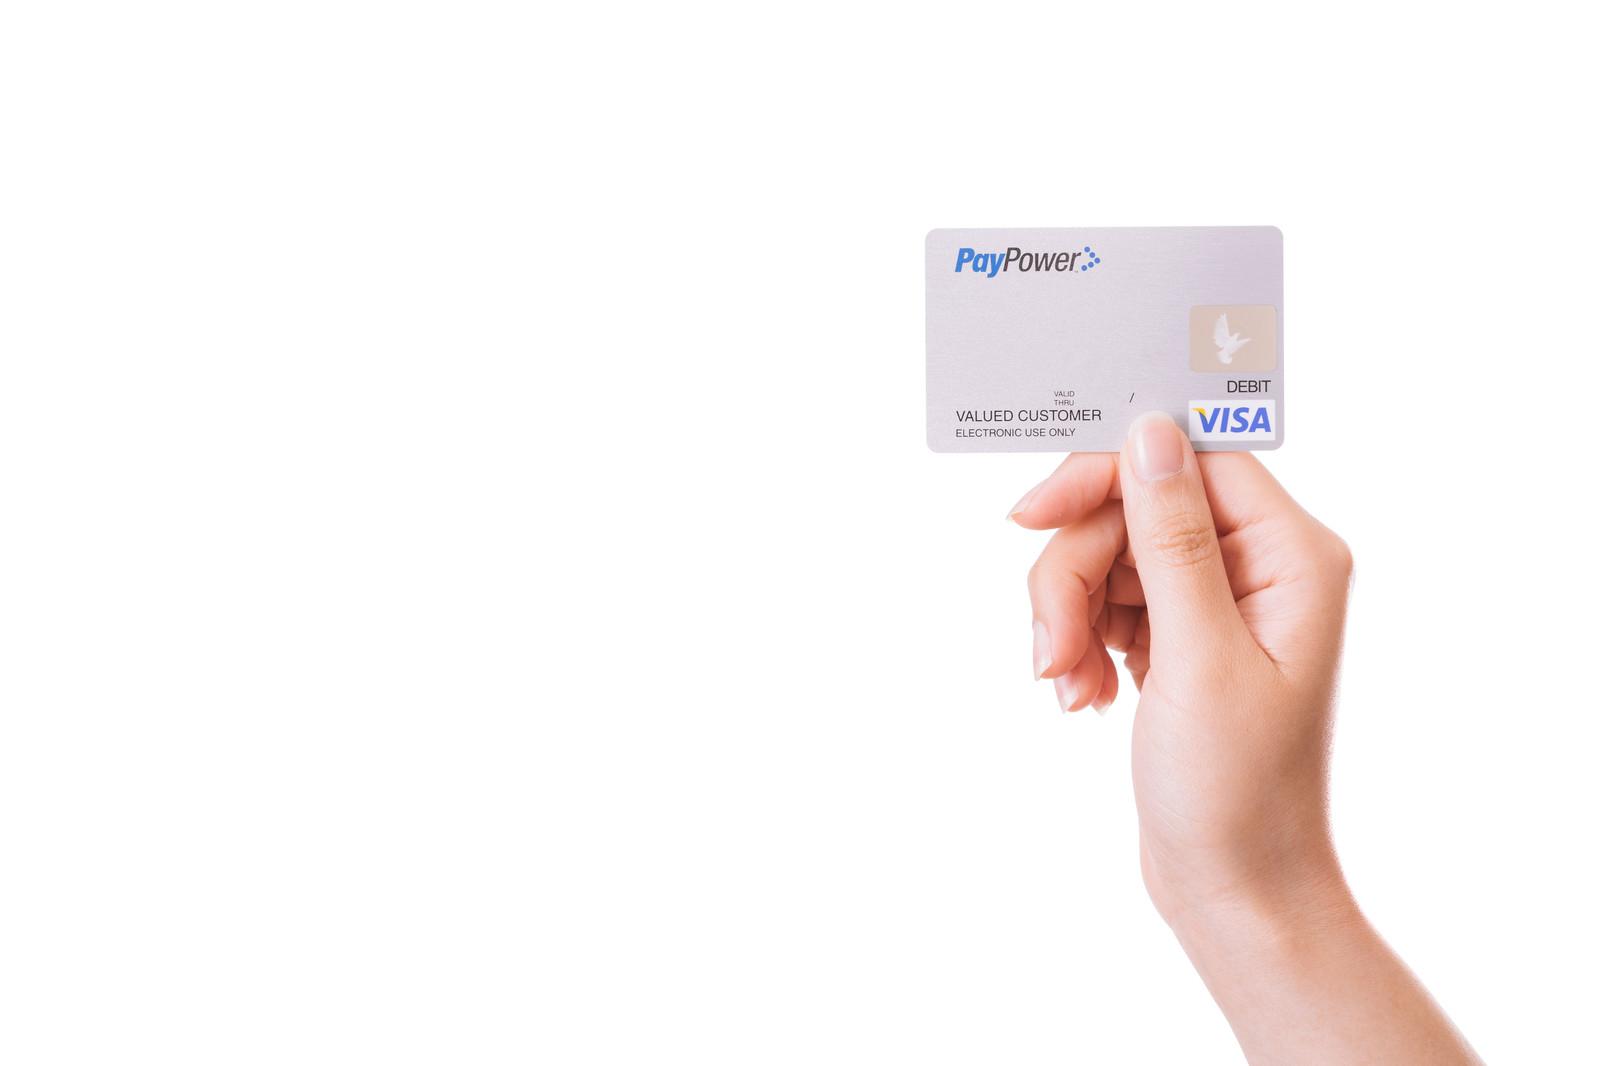 クレジットカードを提示している画像